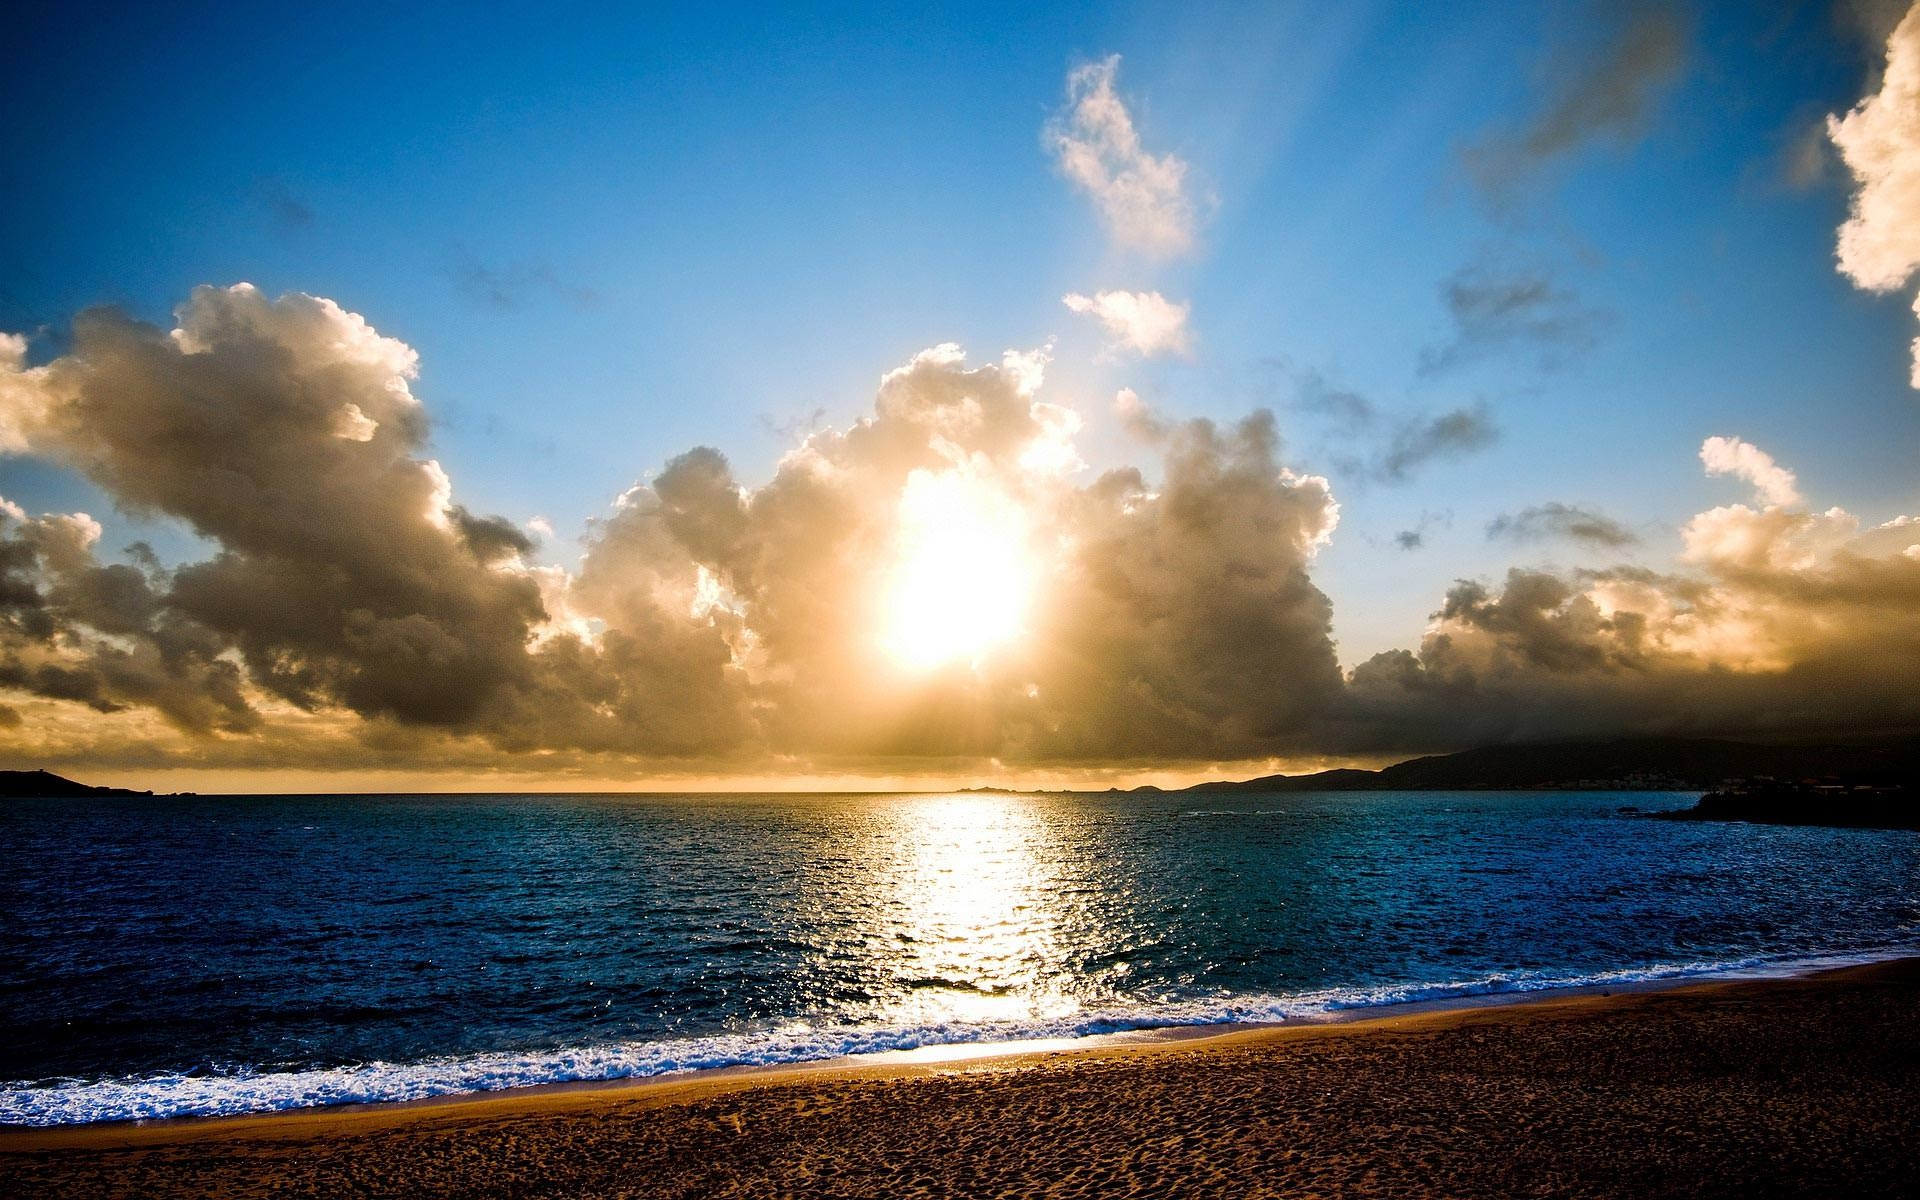 Beach Sunrise Wallpaper For Desktop